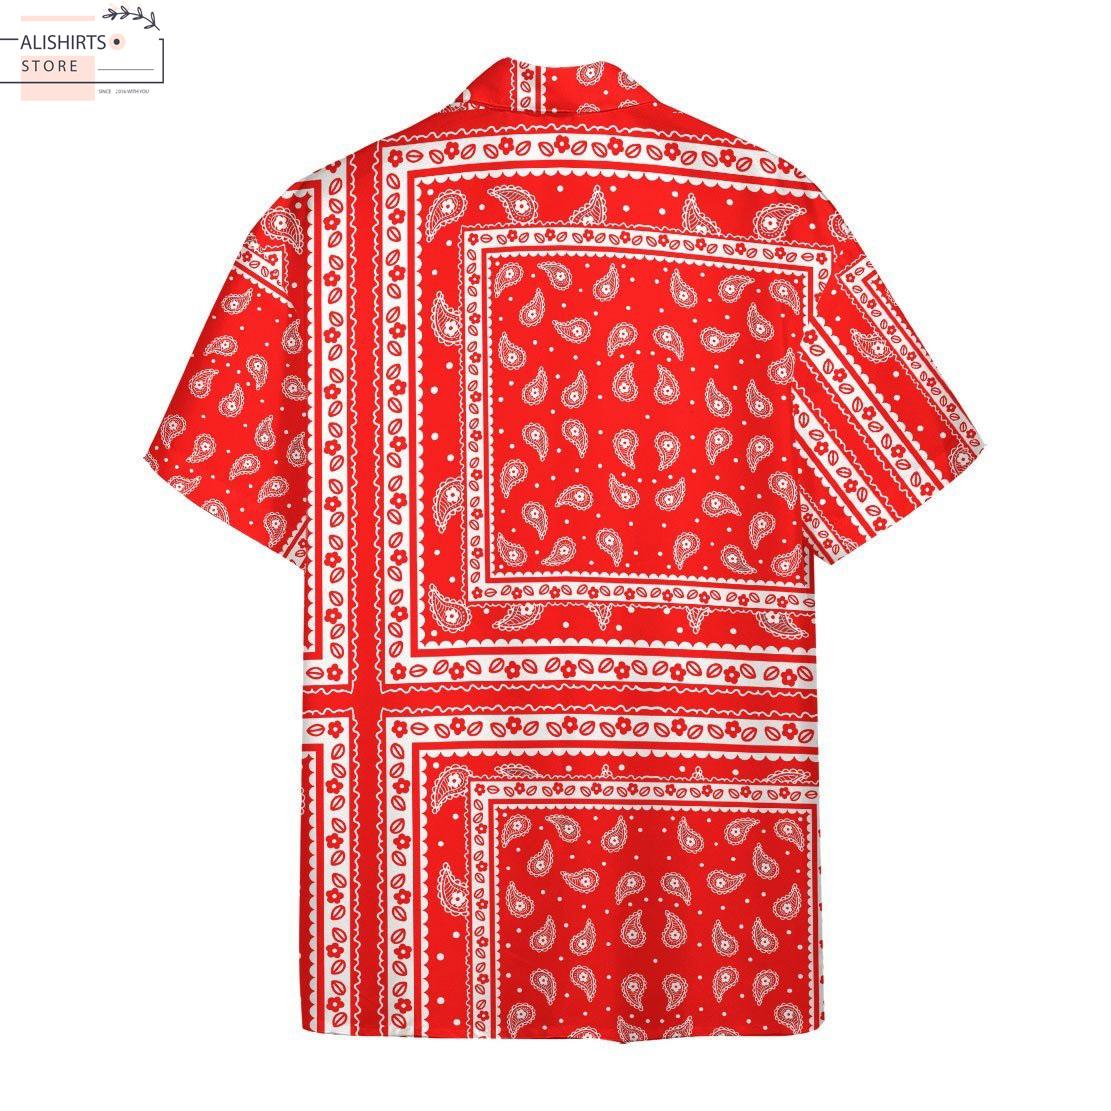 RED PAISLEY BANDANA HAWAII 3D SHIRT